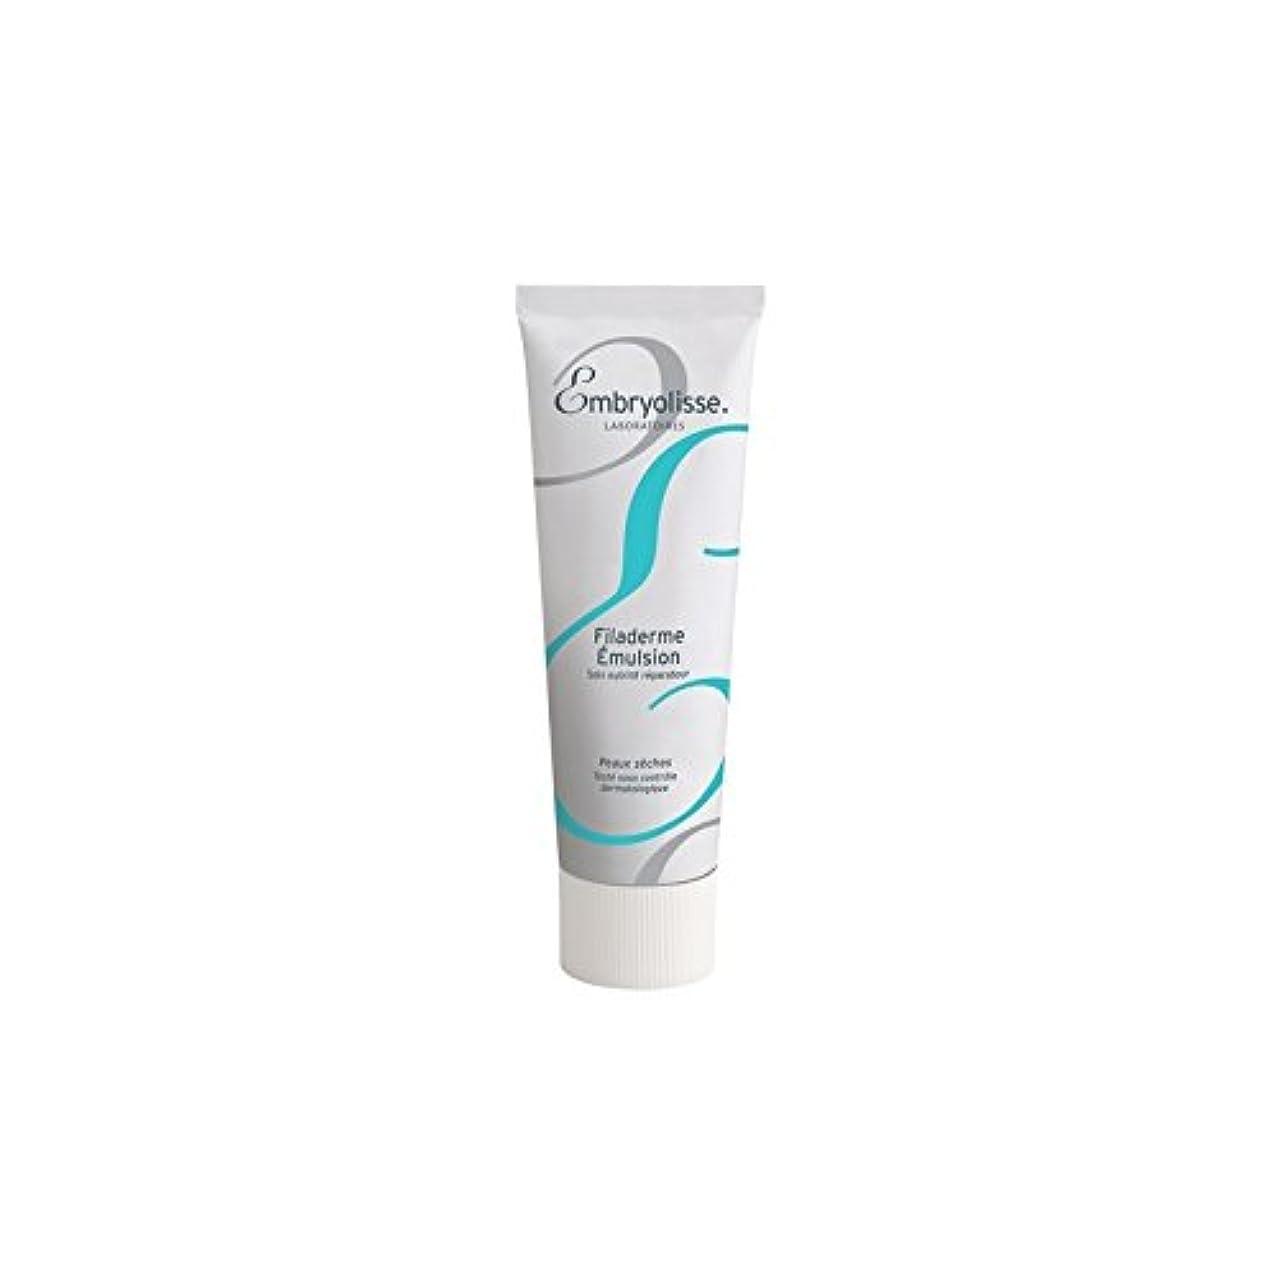 競争懲らしめ添加Embryolisse Filaderme Emulsion (75ml) (Pack of 6) - エマルジョン(75ミリリットル) x6 [並行輸入品]